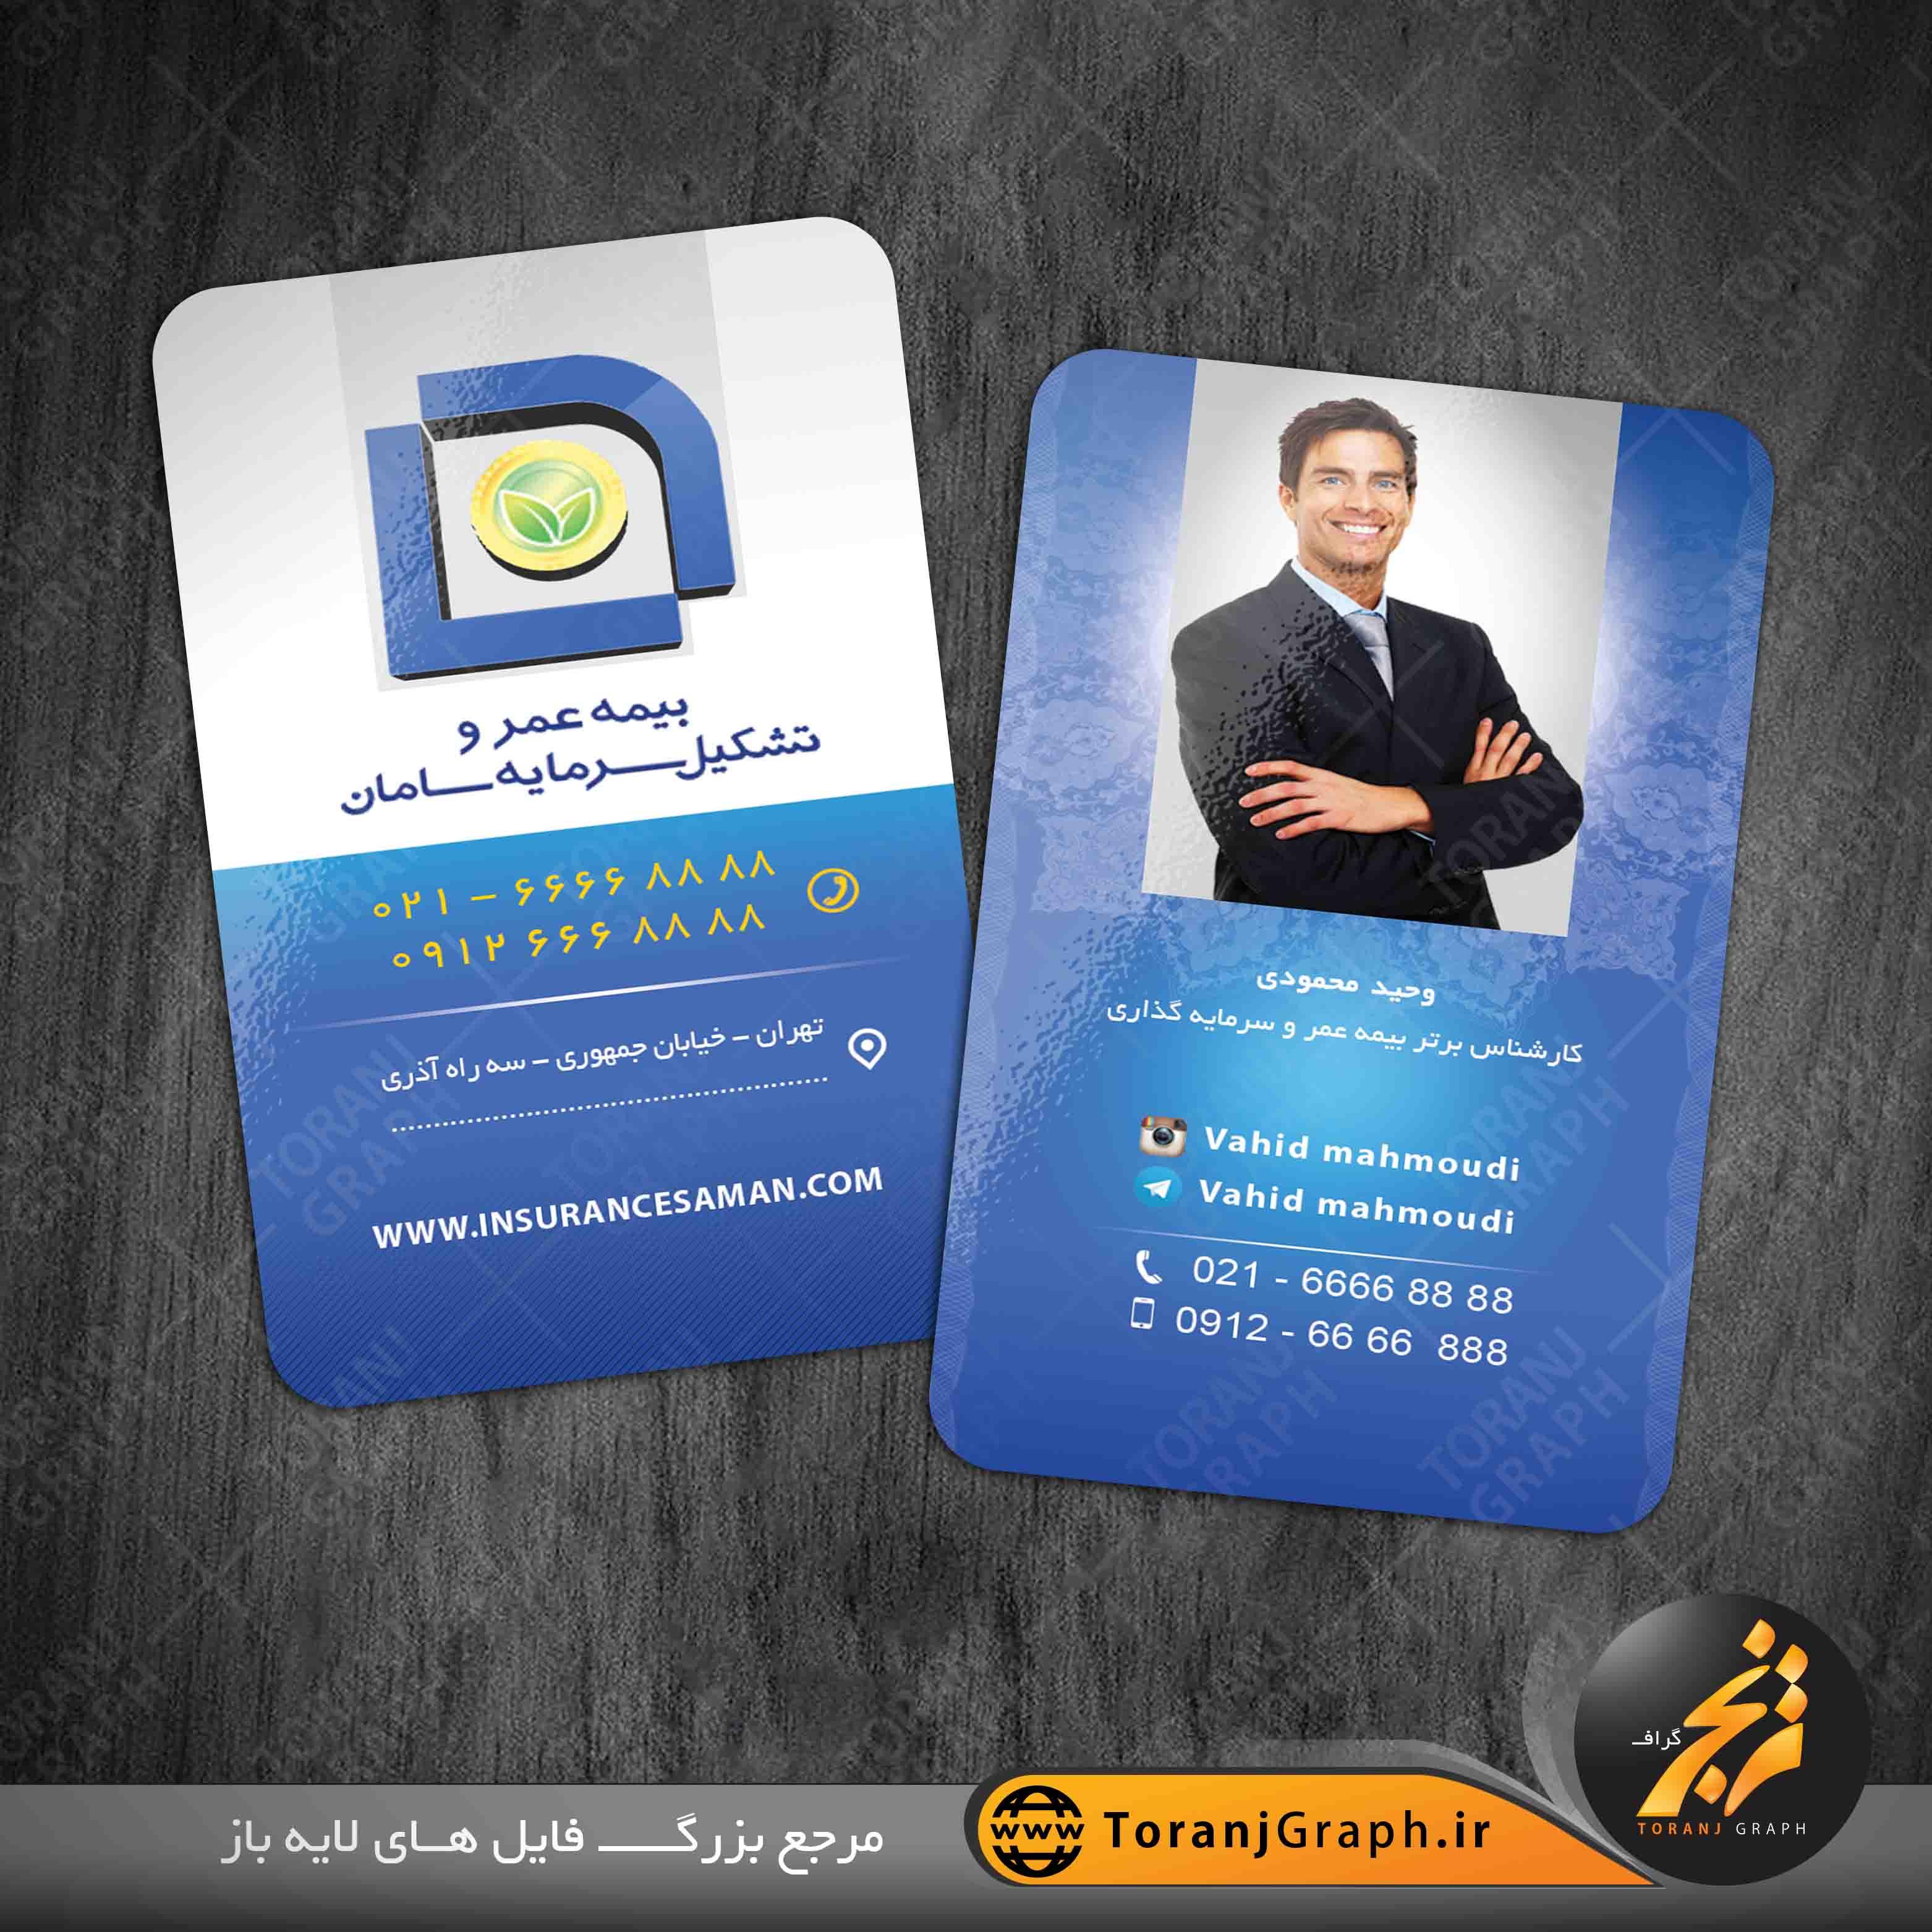 دانلود کارت ویزیت لایه باز بیمه سامان